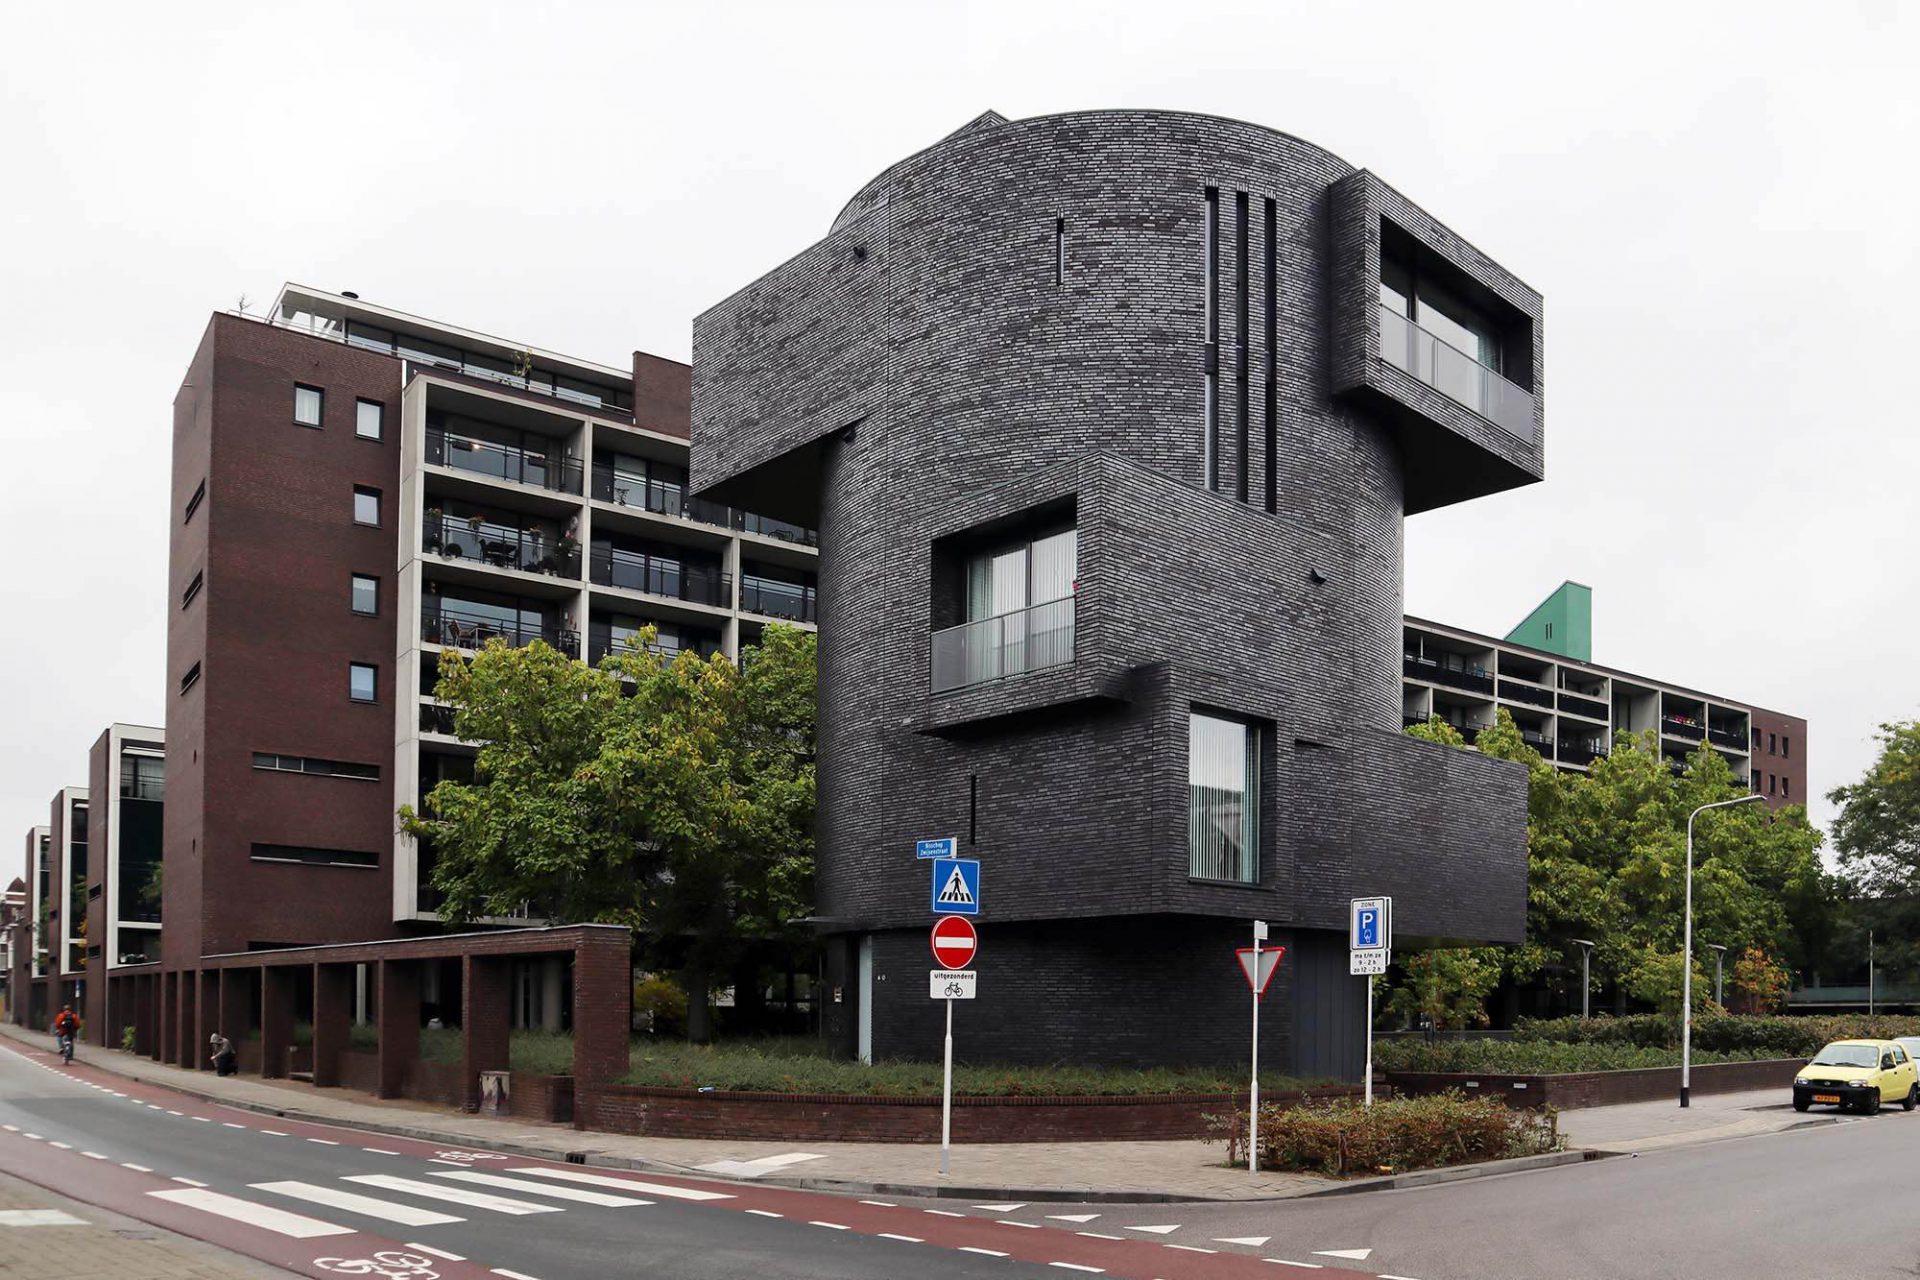 Duikklok. Der fünfgeschossige Wohnturm entstand 2011 nach Plänen von Bedaux de Brouwer Architecten.